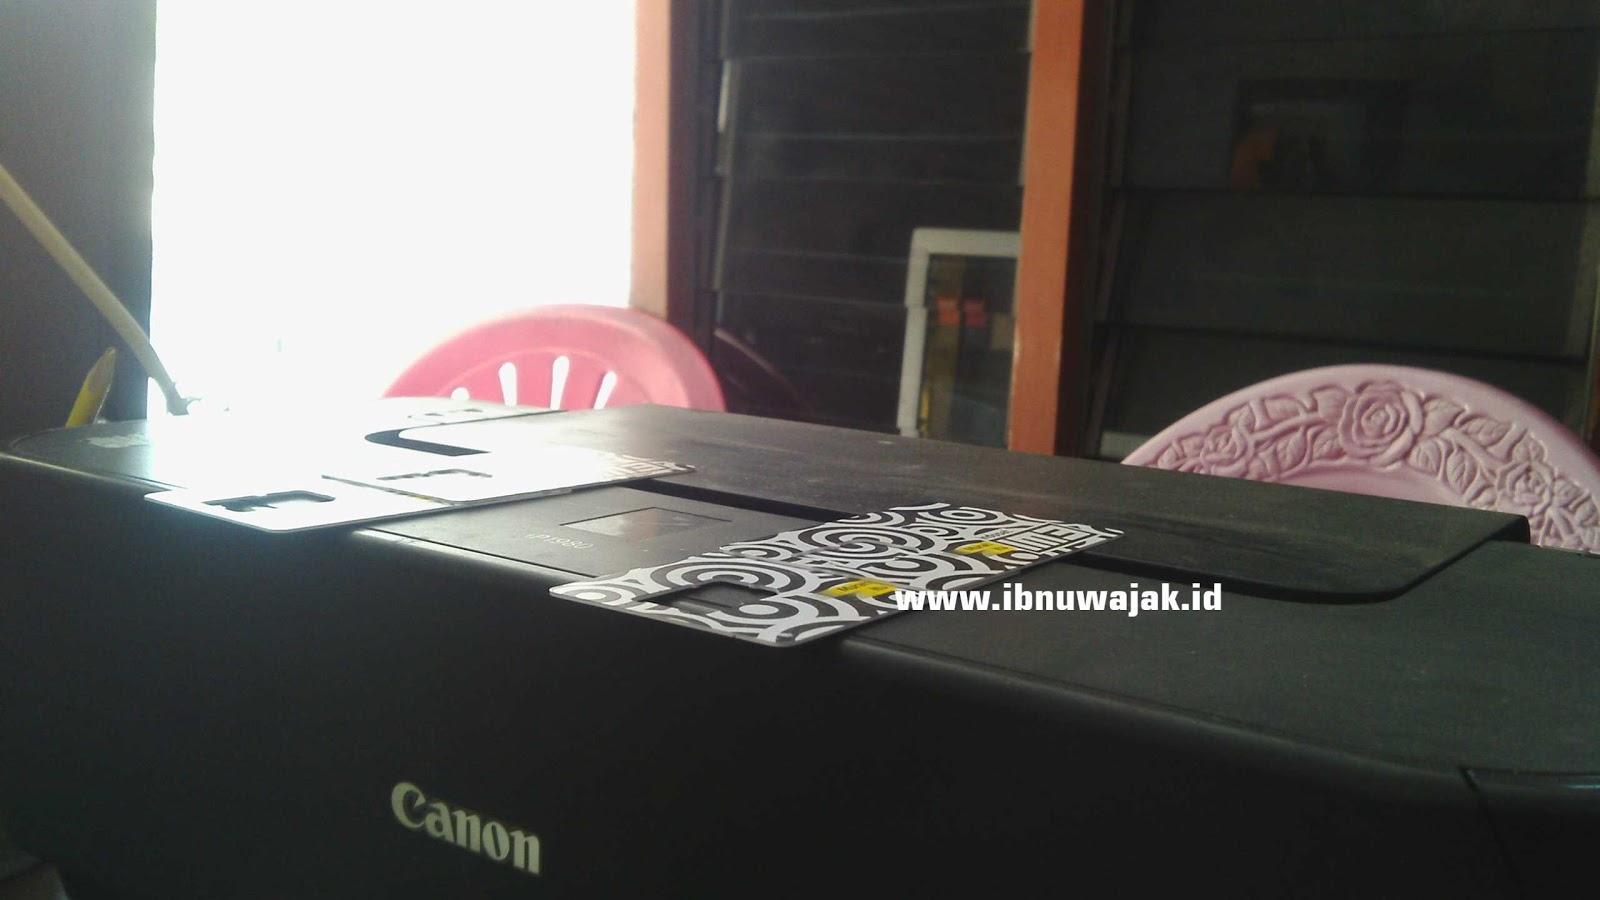 Modifkasi Printer Canon IP1980 Tatakan Lebih Tinggi Enak